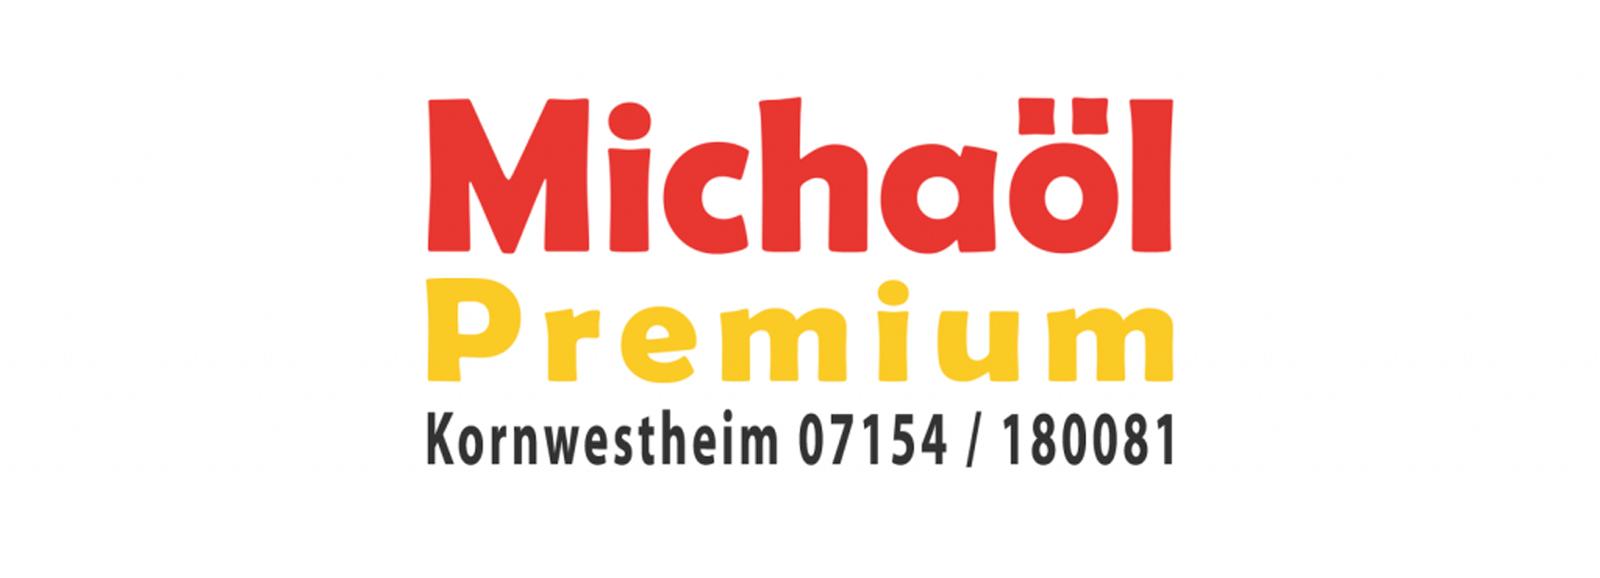 Michaöl Premium Heizölhandel Stuttgart-Kornwestheim-Ludwigsburg